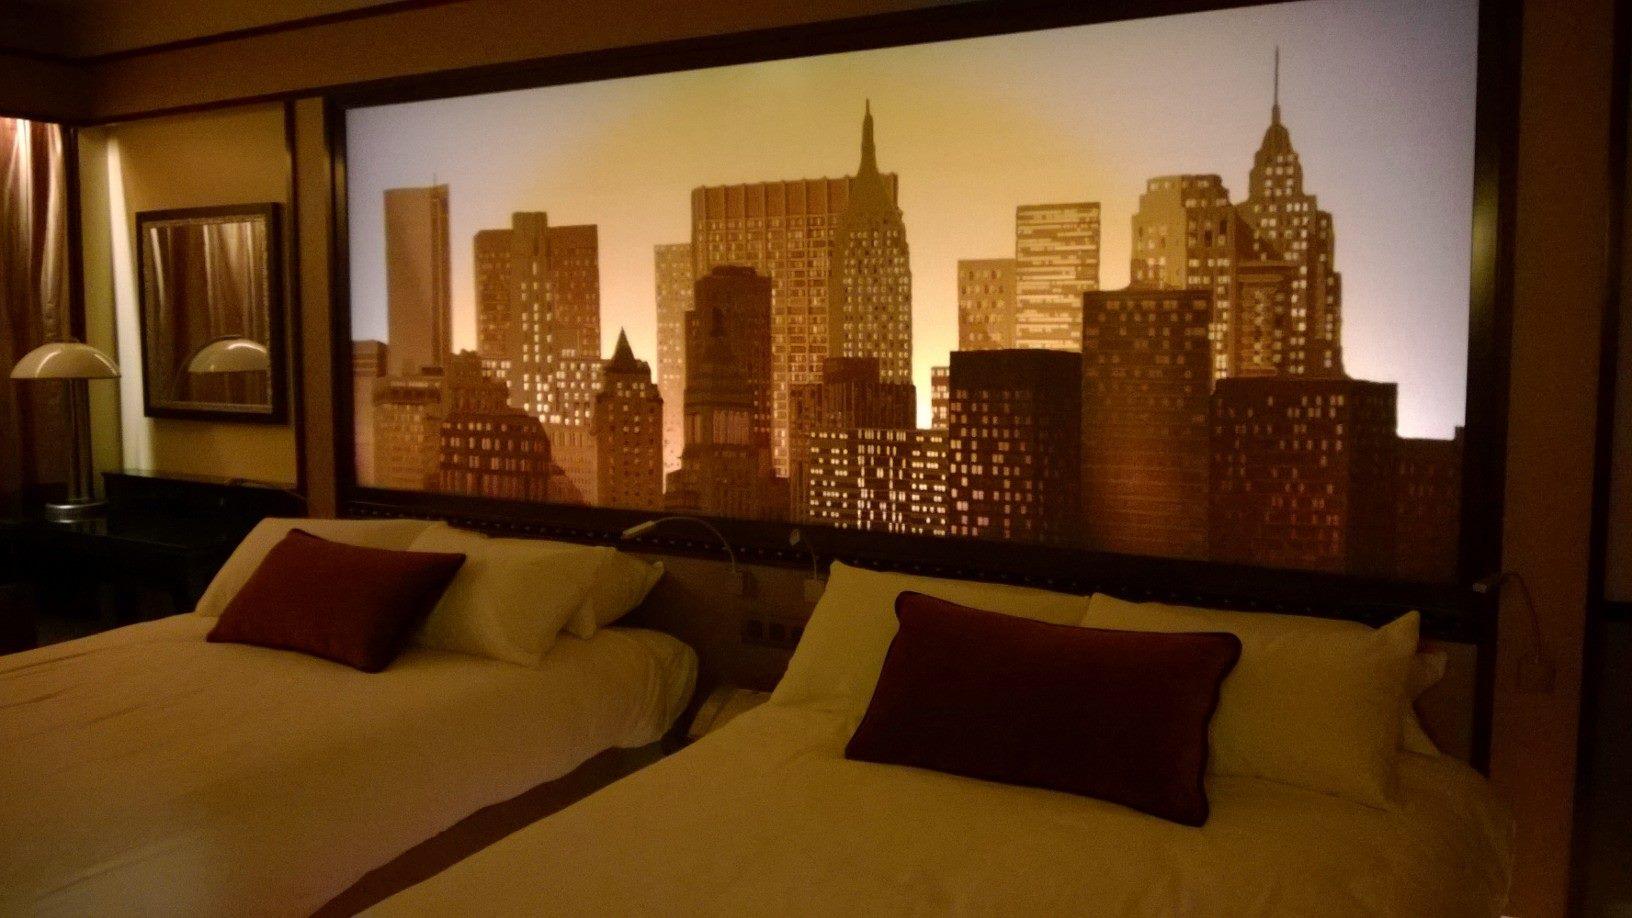 Renoierung hotel new york muster test zimmer for New york zimmer deko